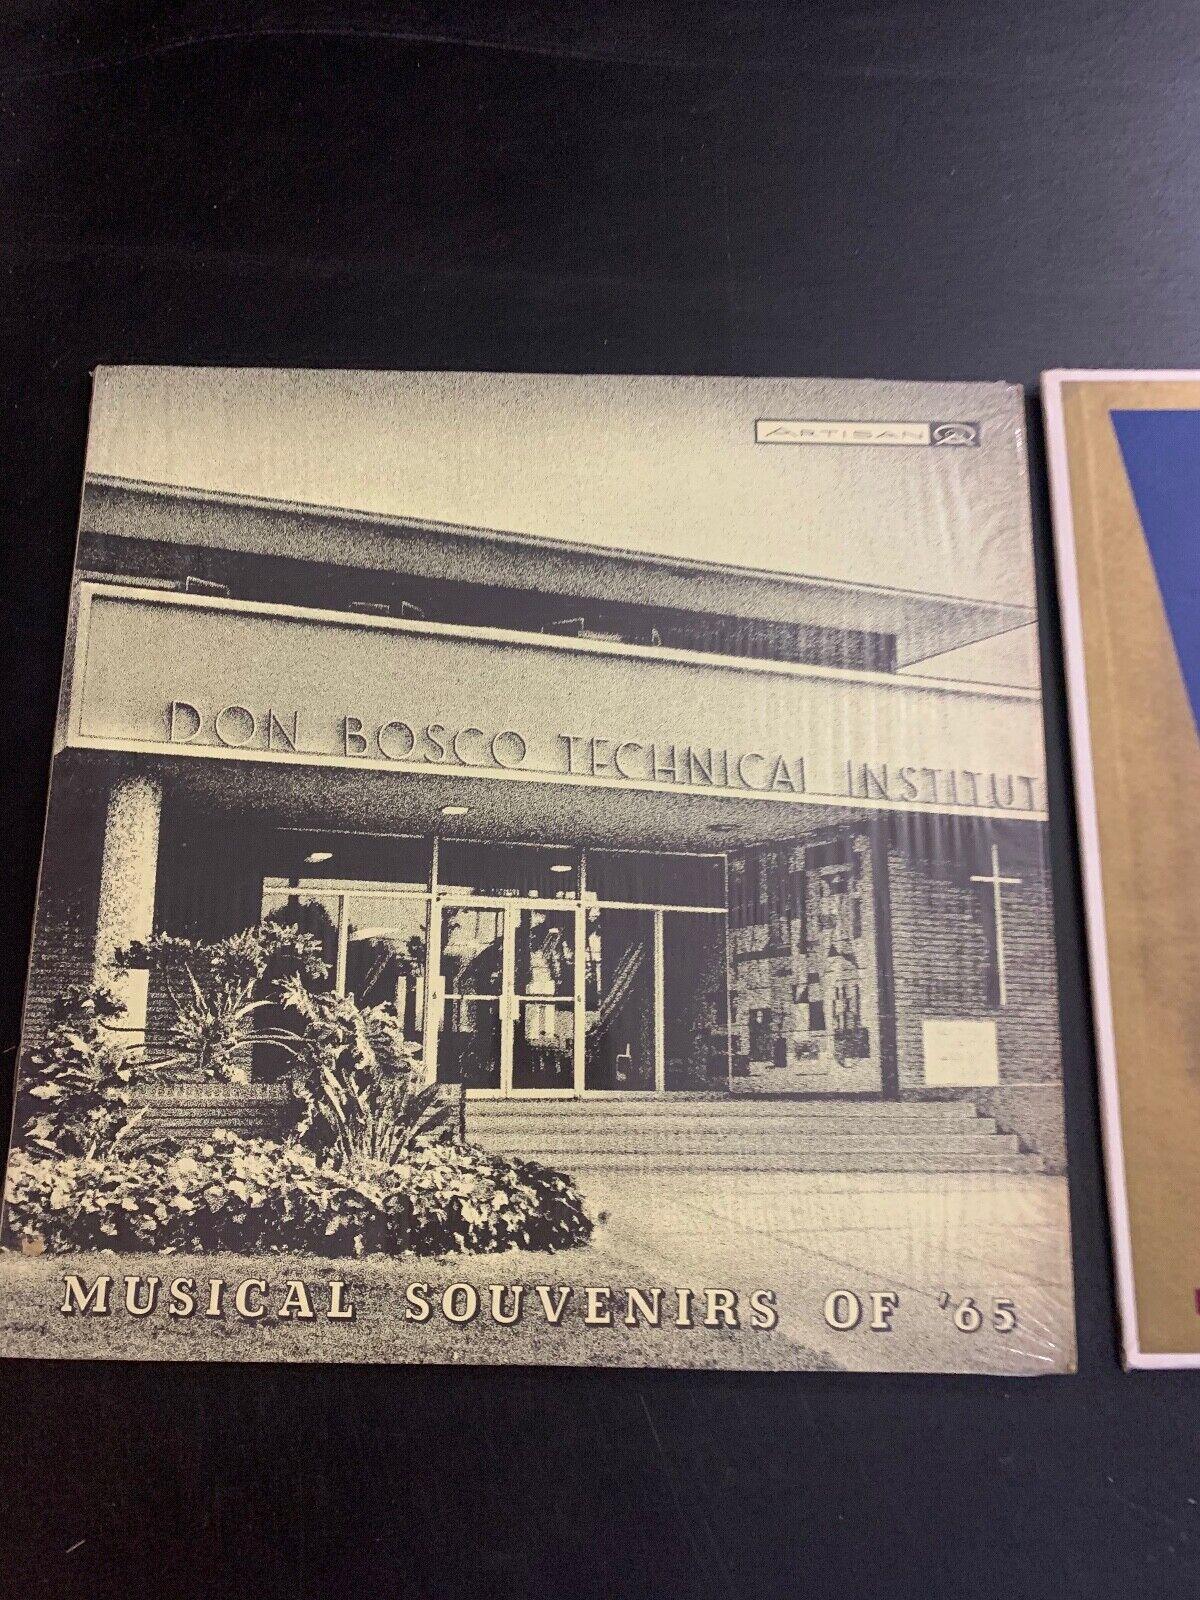 LP RECORD DON BOSCO TECH SCHOOL 1965 MUSICAL SOUVENIR - $9.99